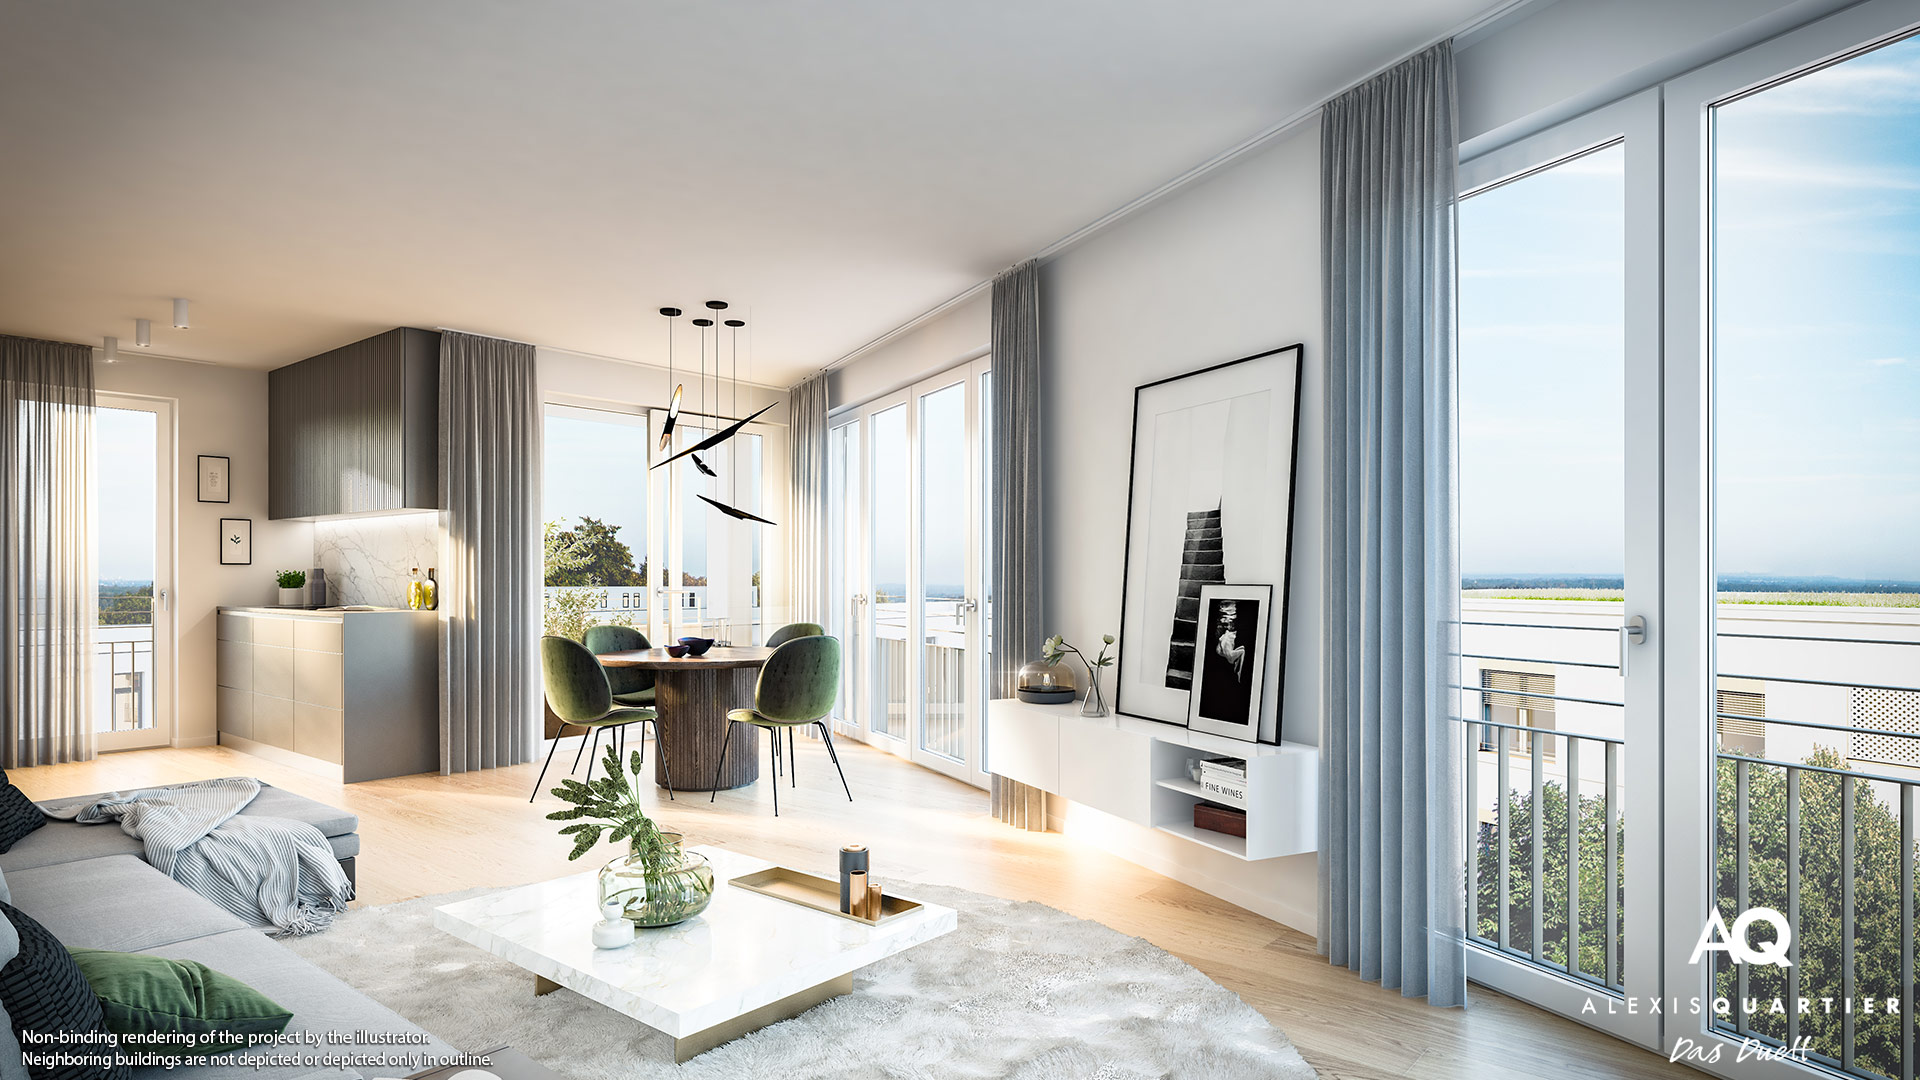 Condominiums Alexisquartier - Das Duett - Illustration 12